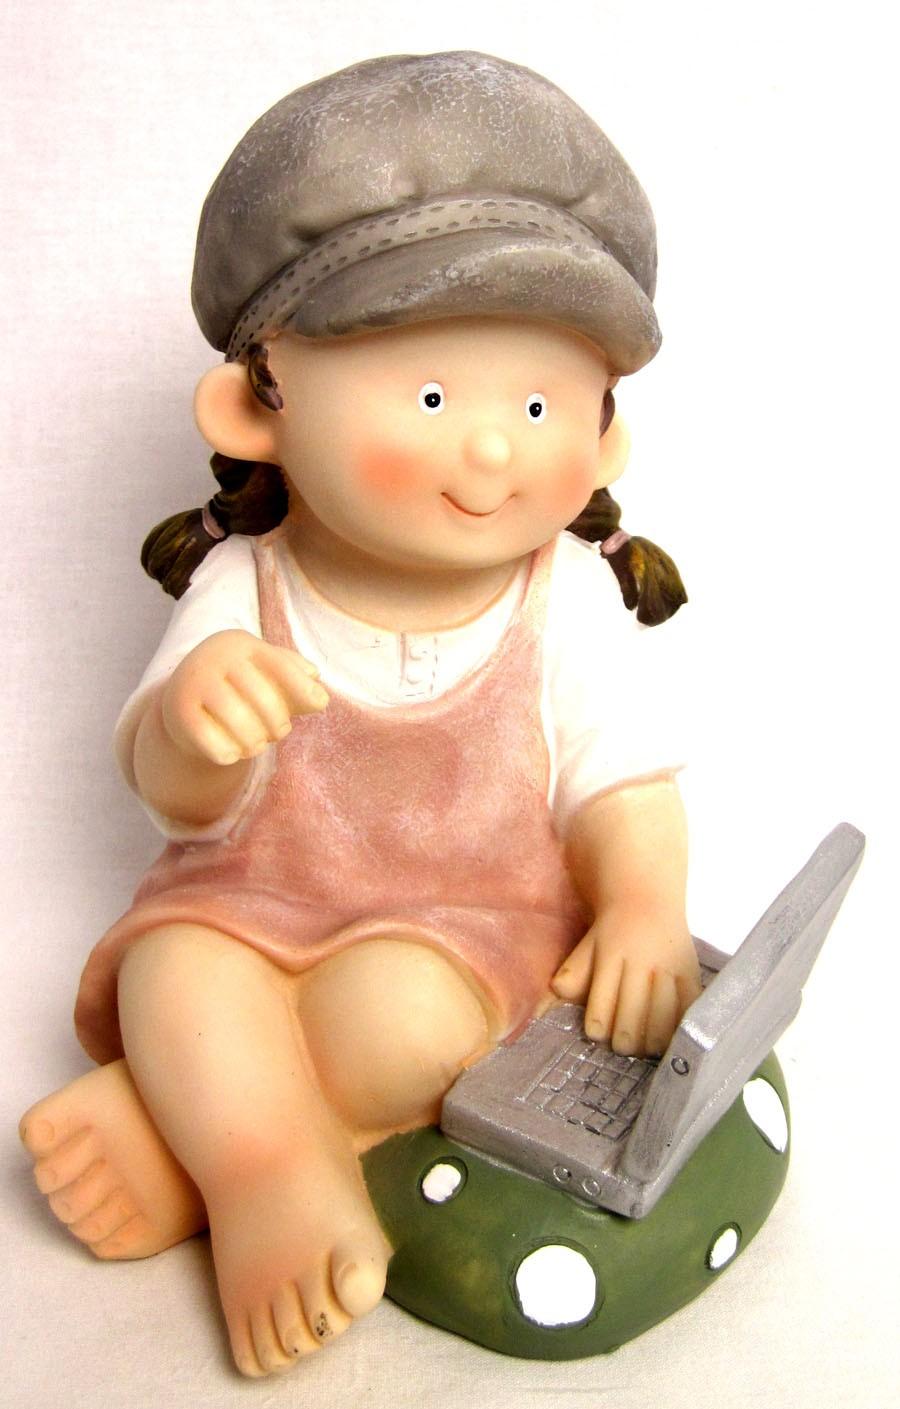 Kinderfigur Mädchen mit Laptop aus Polyresin ca. 20 cm hoch